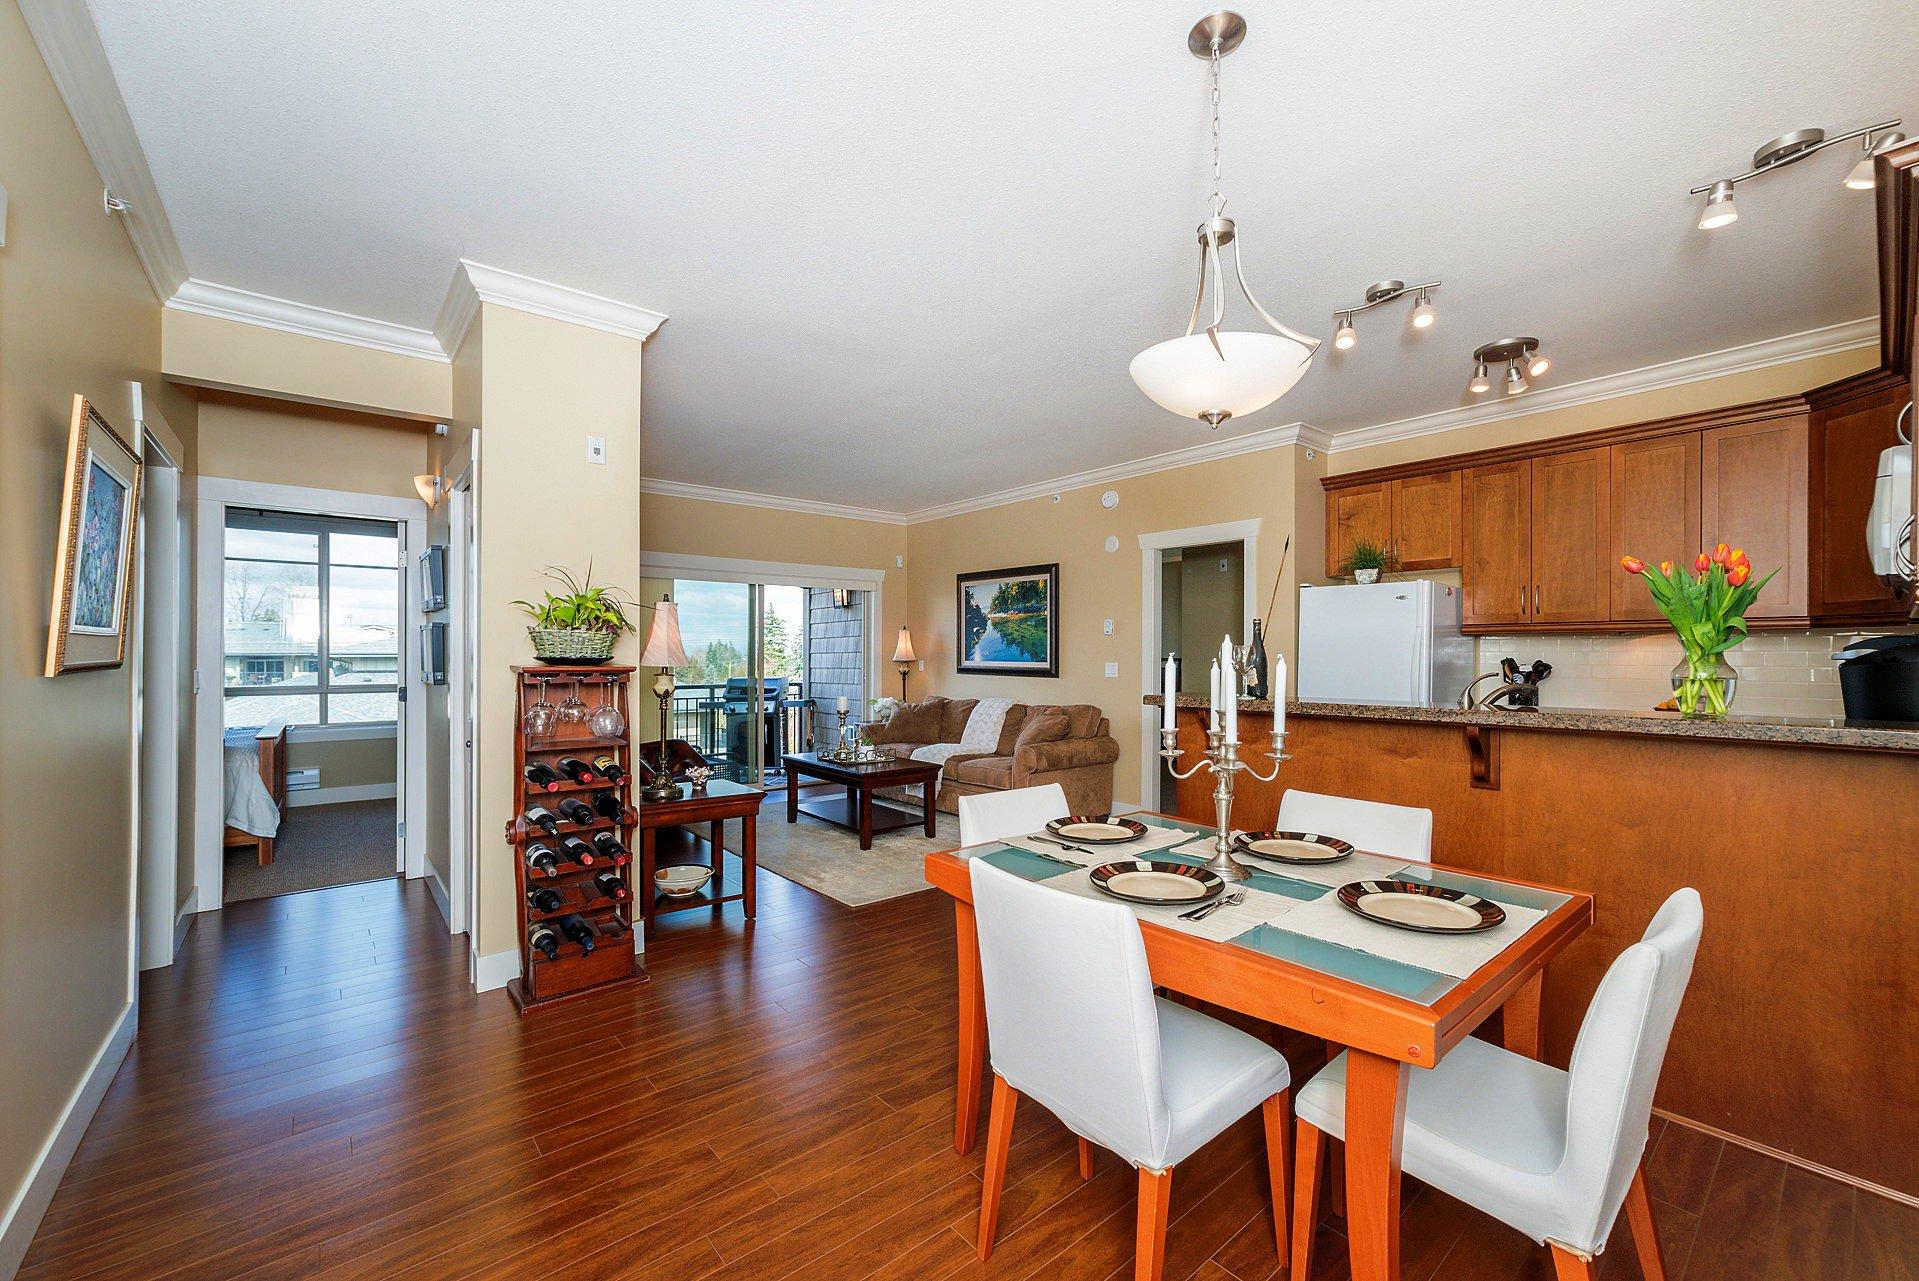 """Photo 4: Photos: 408 15368 17A Avenue in Surrey: King George Corridor Condo for sale in """"OCEAN WYNDE"""" (South Surrey White Rock)  : MLS®# R2249492"""